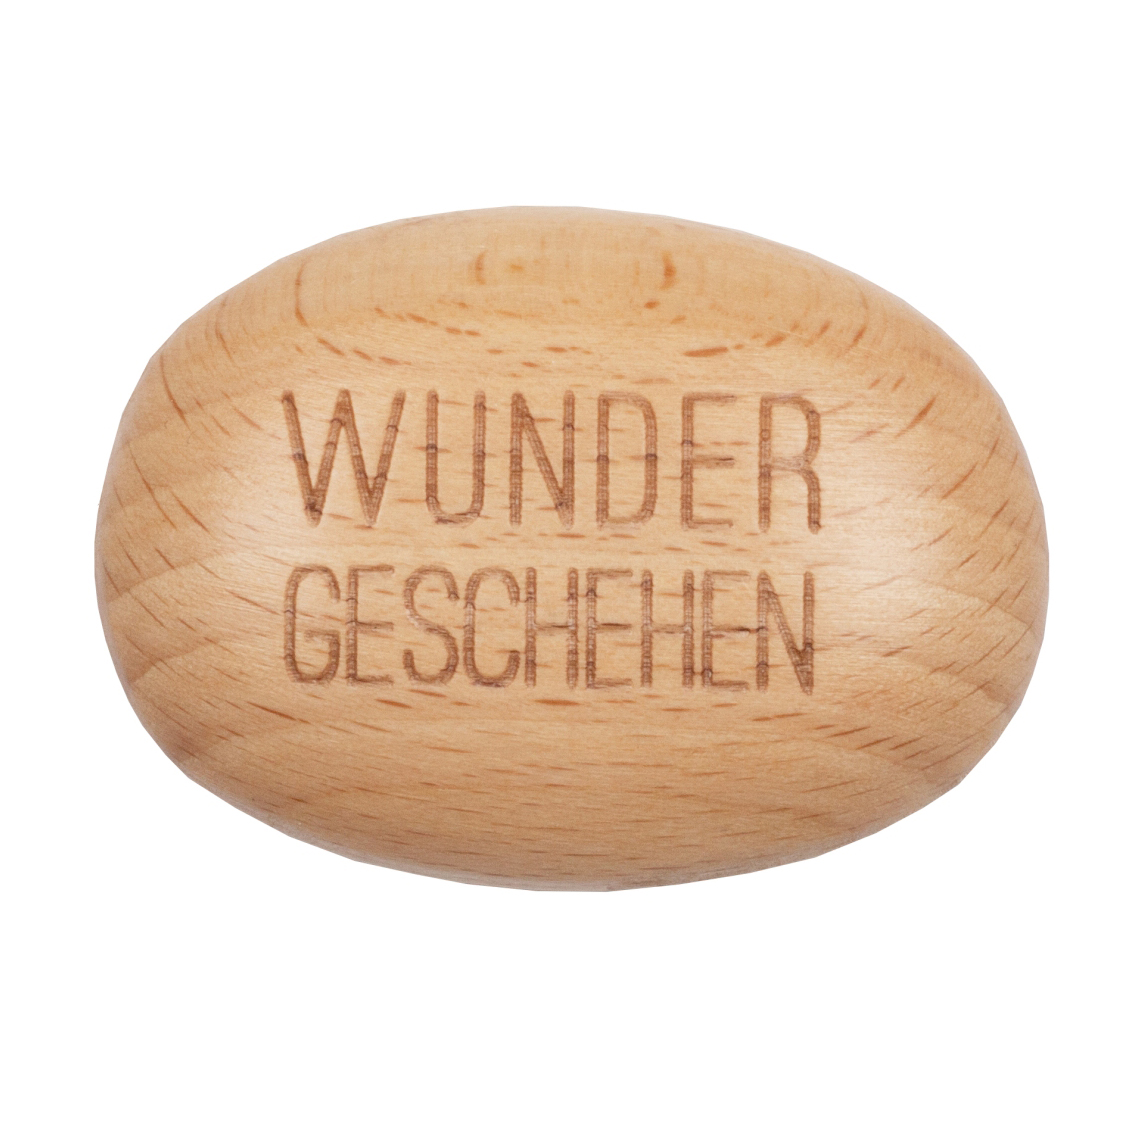 Baumstein - Wunder geschehen - räder